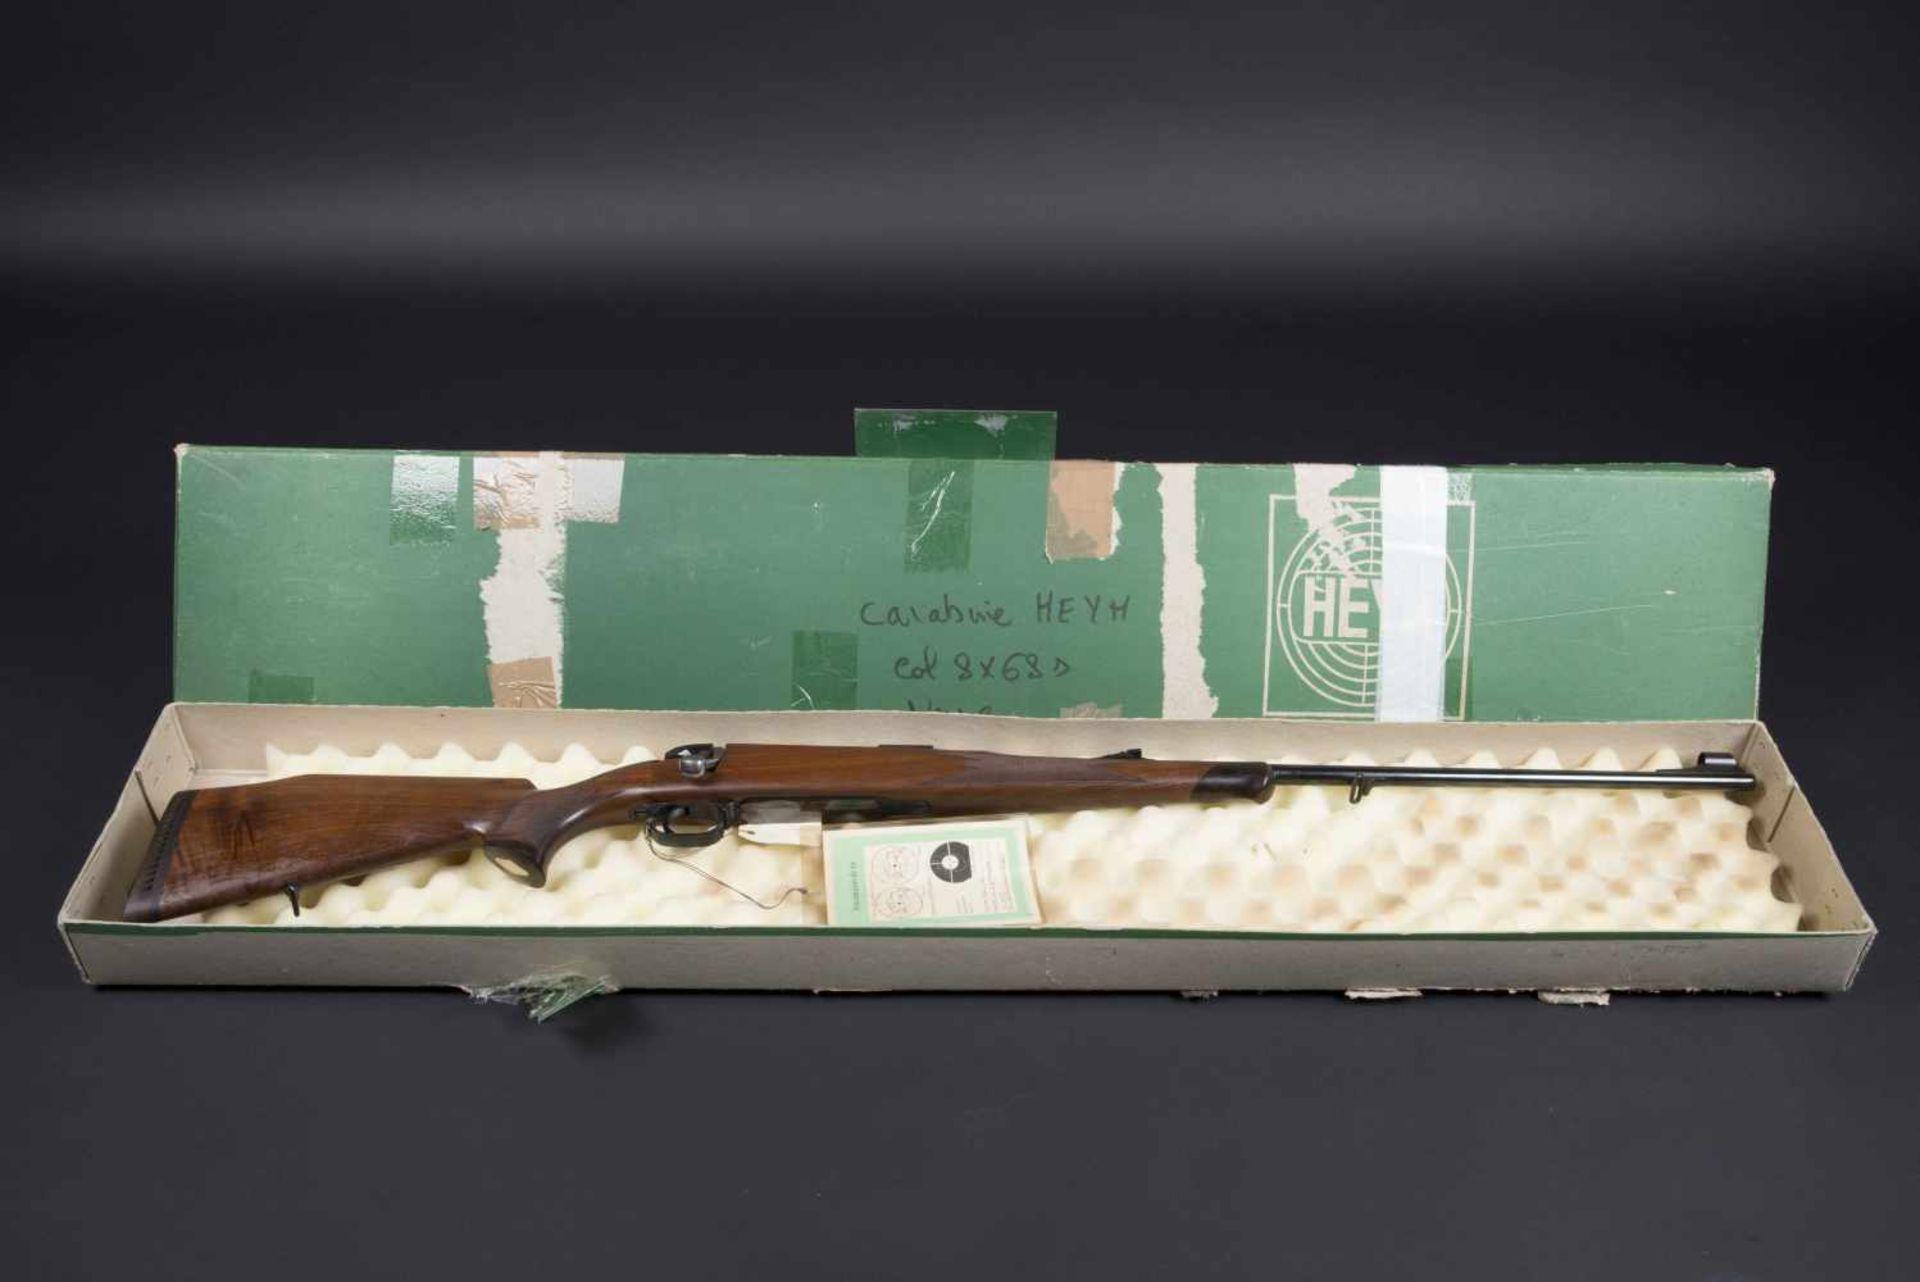 Carabine Heym Catégorie C Calibre 8 x 68 s. Modèle SR 20G. Numéro 92589. Carton au modèle de l'arme.